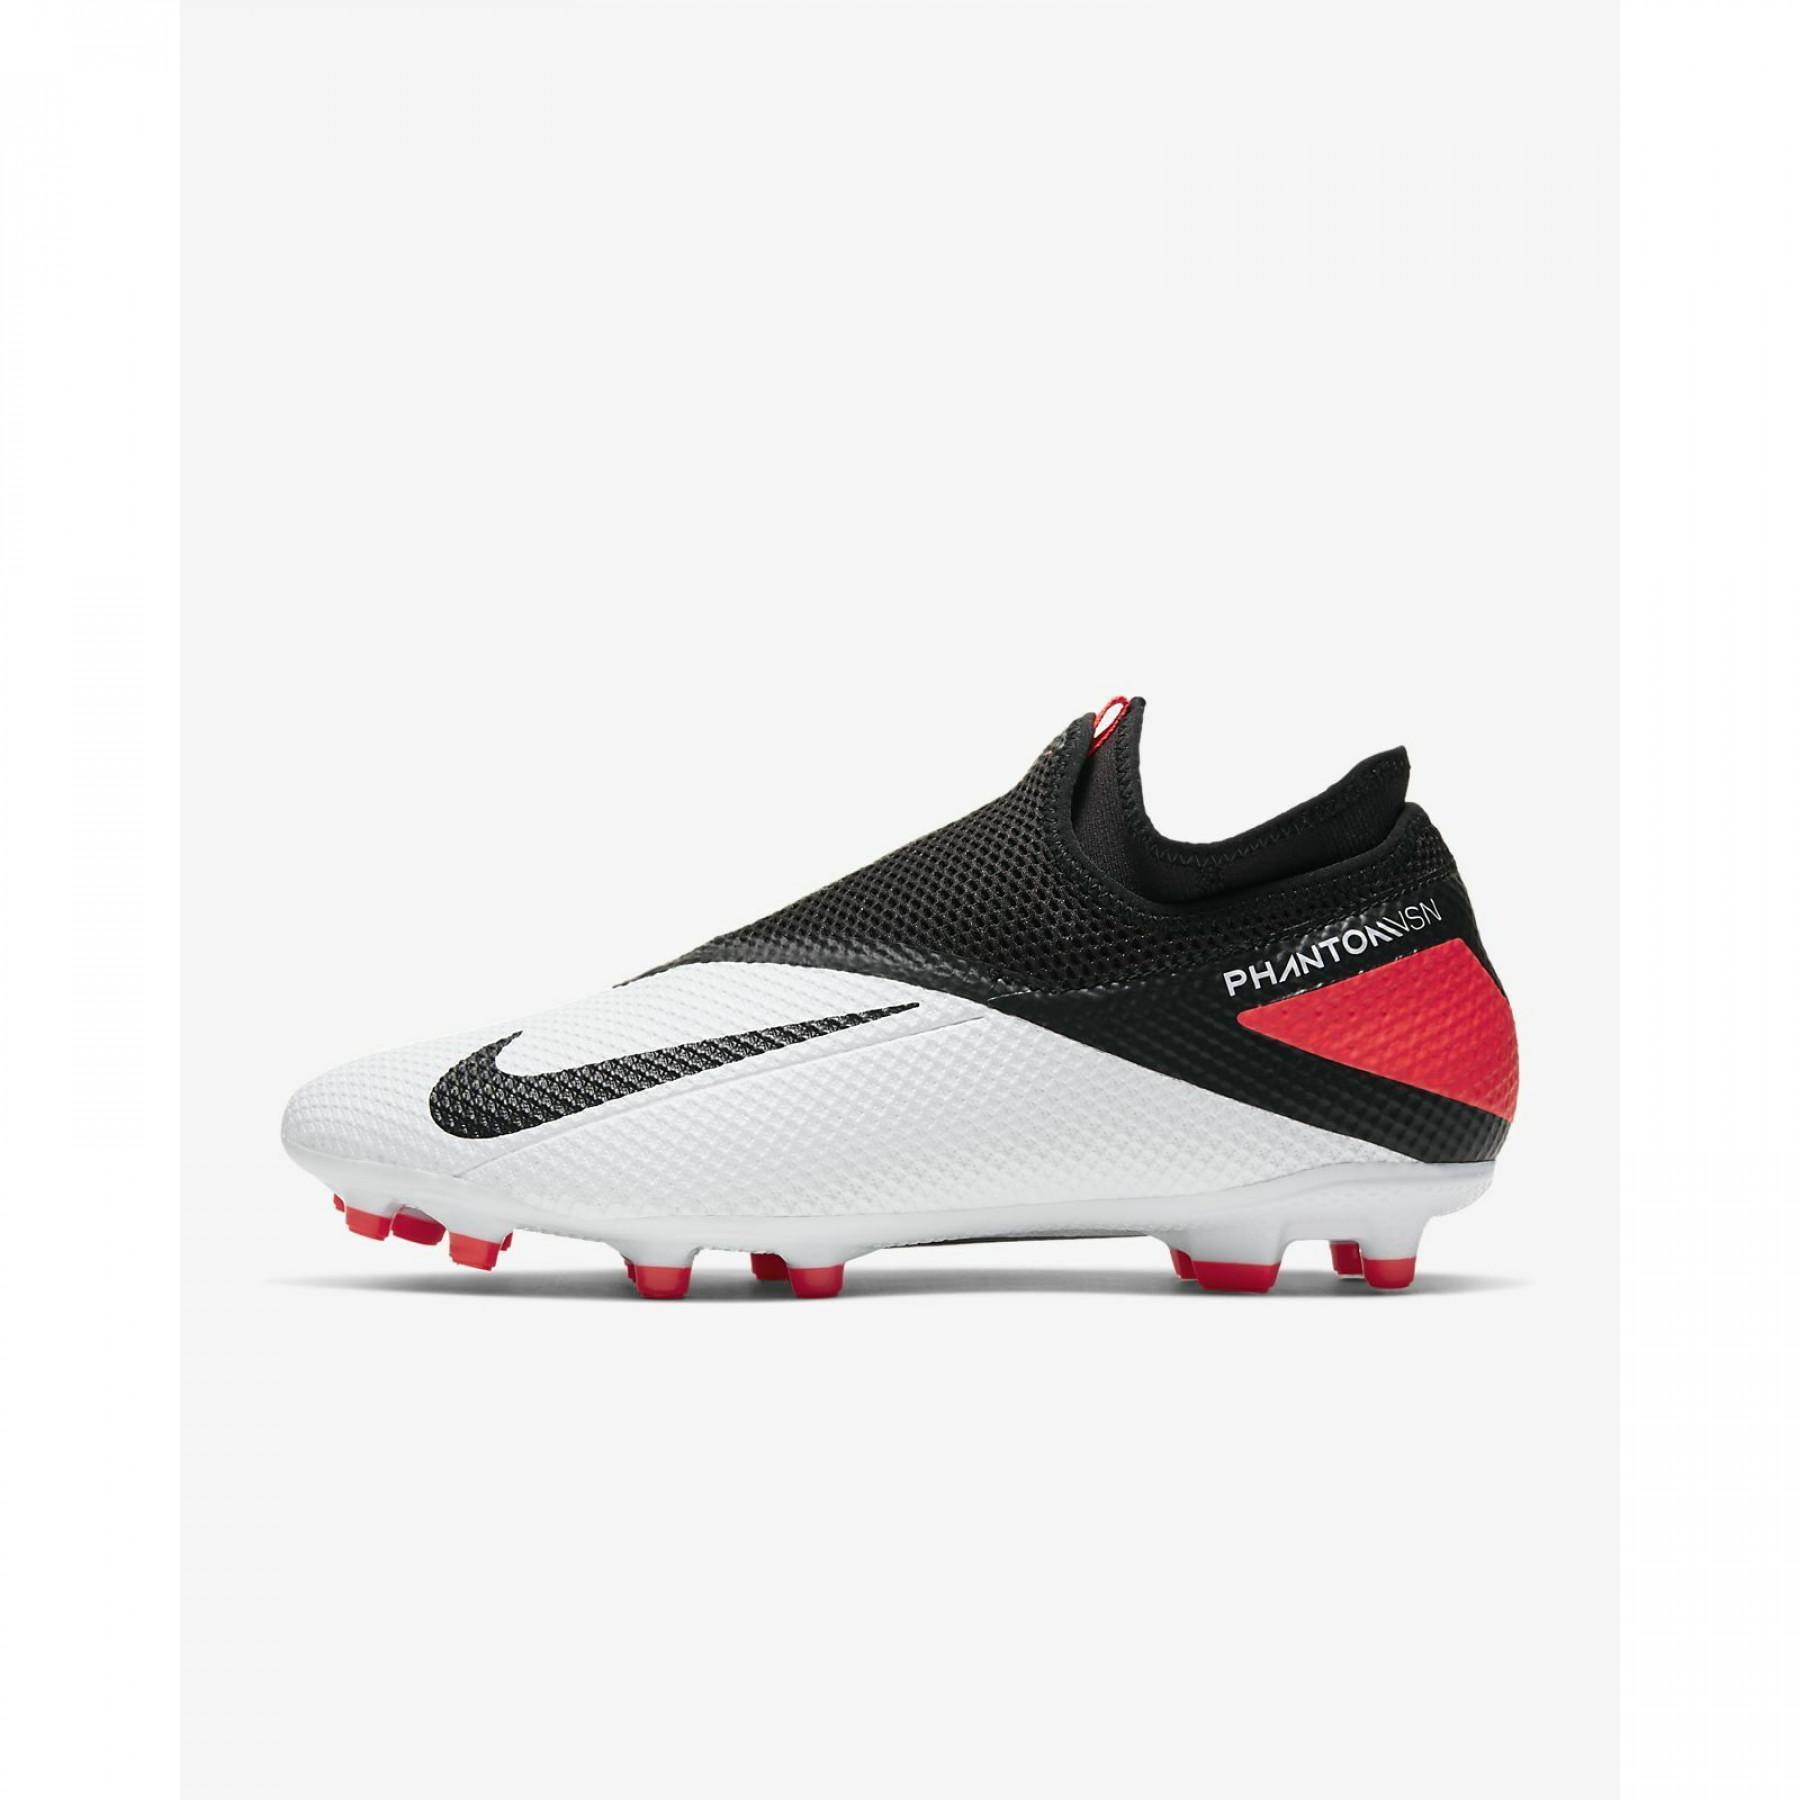 Chaussures Nike Phantom Vision 2 Academy DFit FG/MG